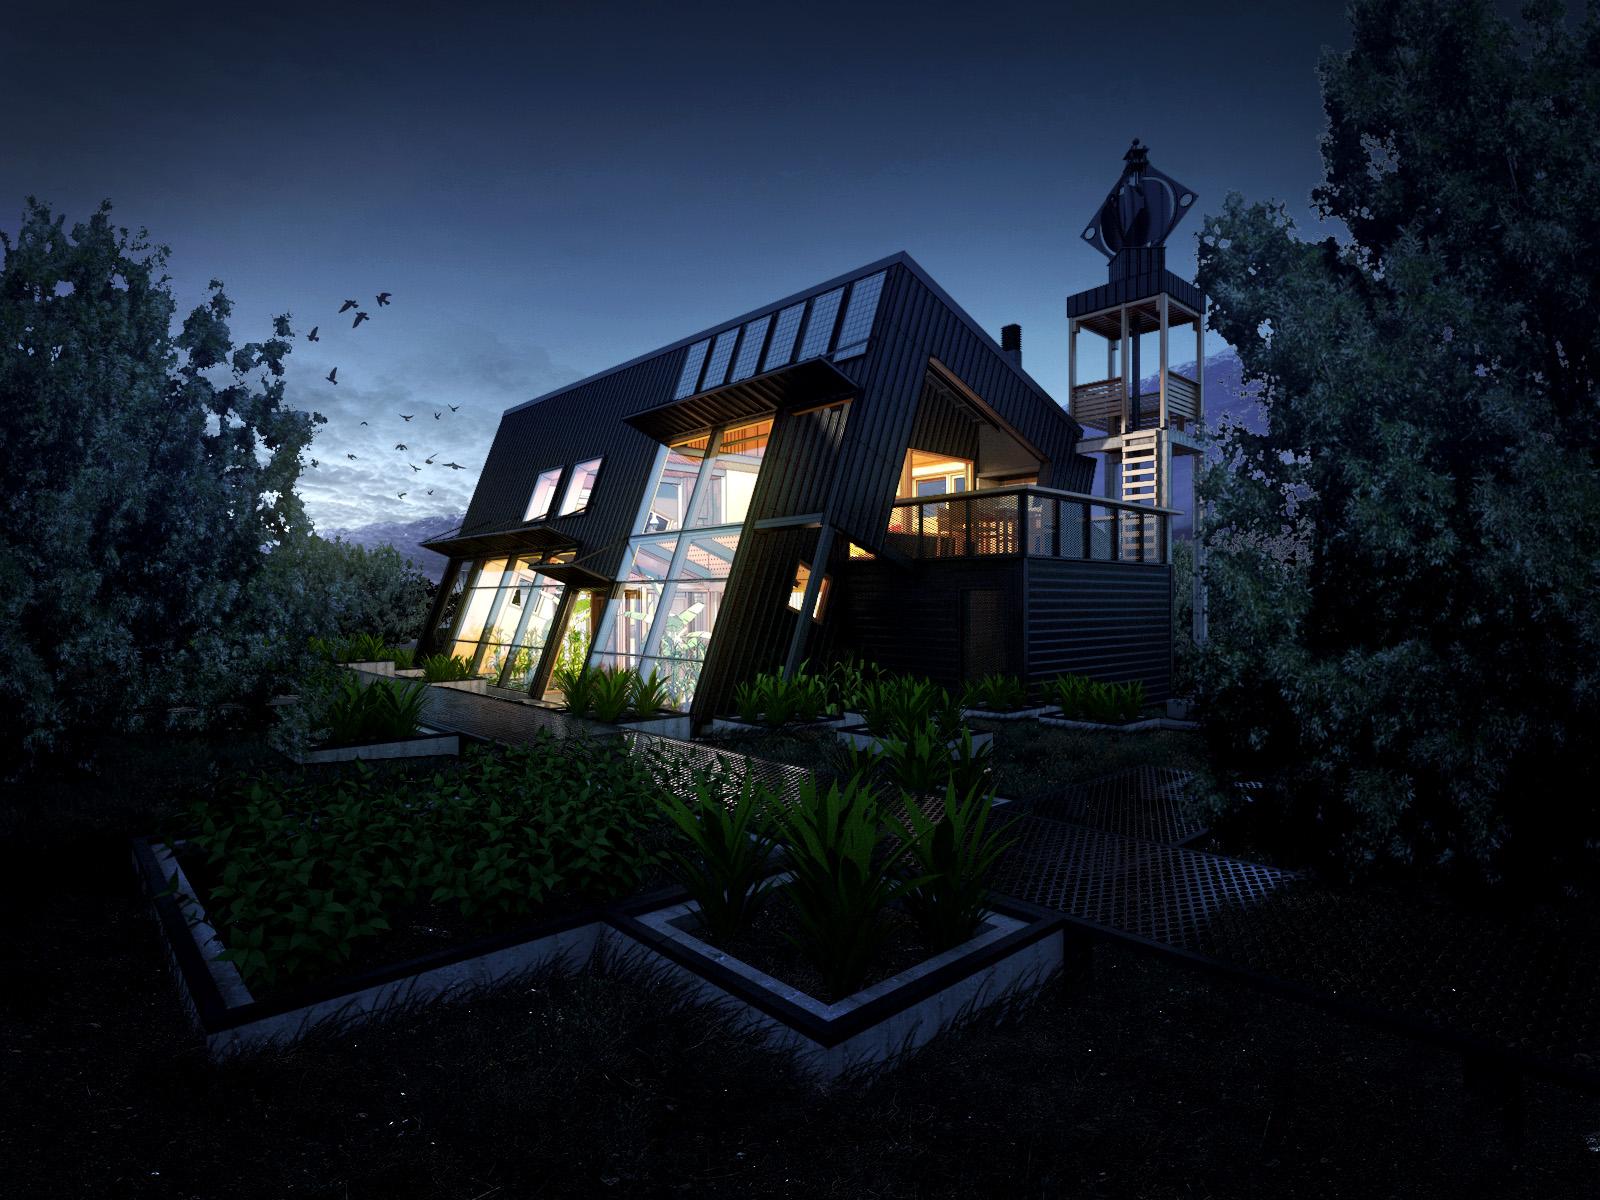 Casa Solar Noche